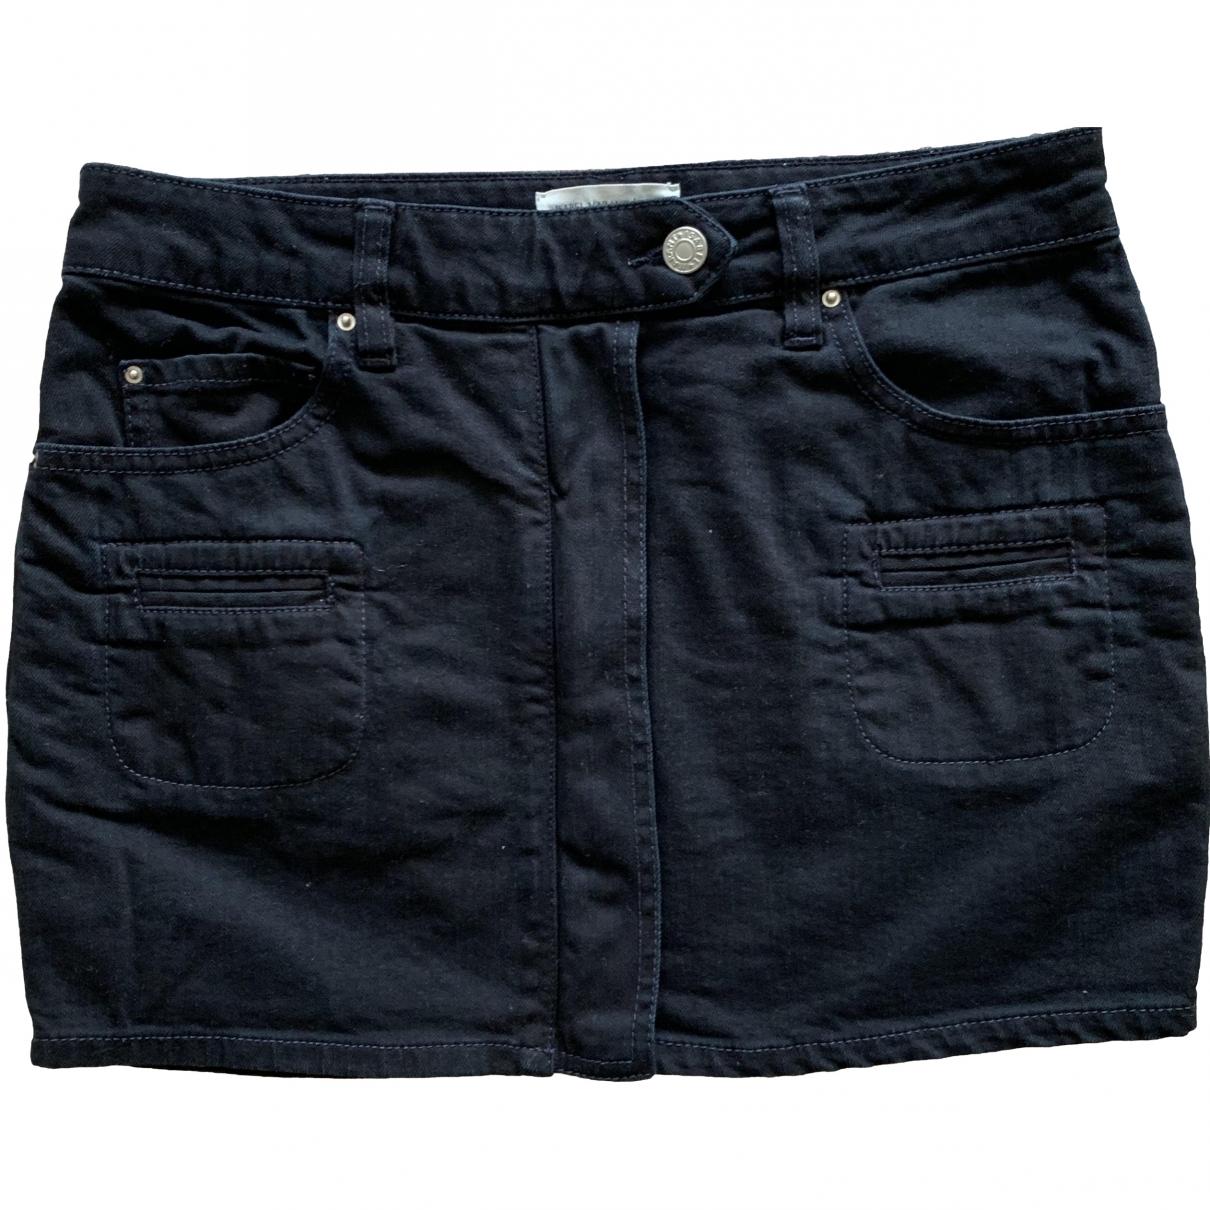 Isabel Marant Etoile \N Black Cotton skirt for Women 38 FR